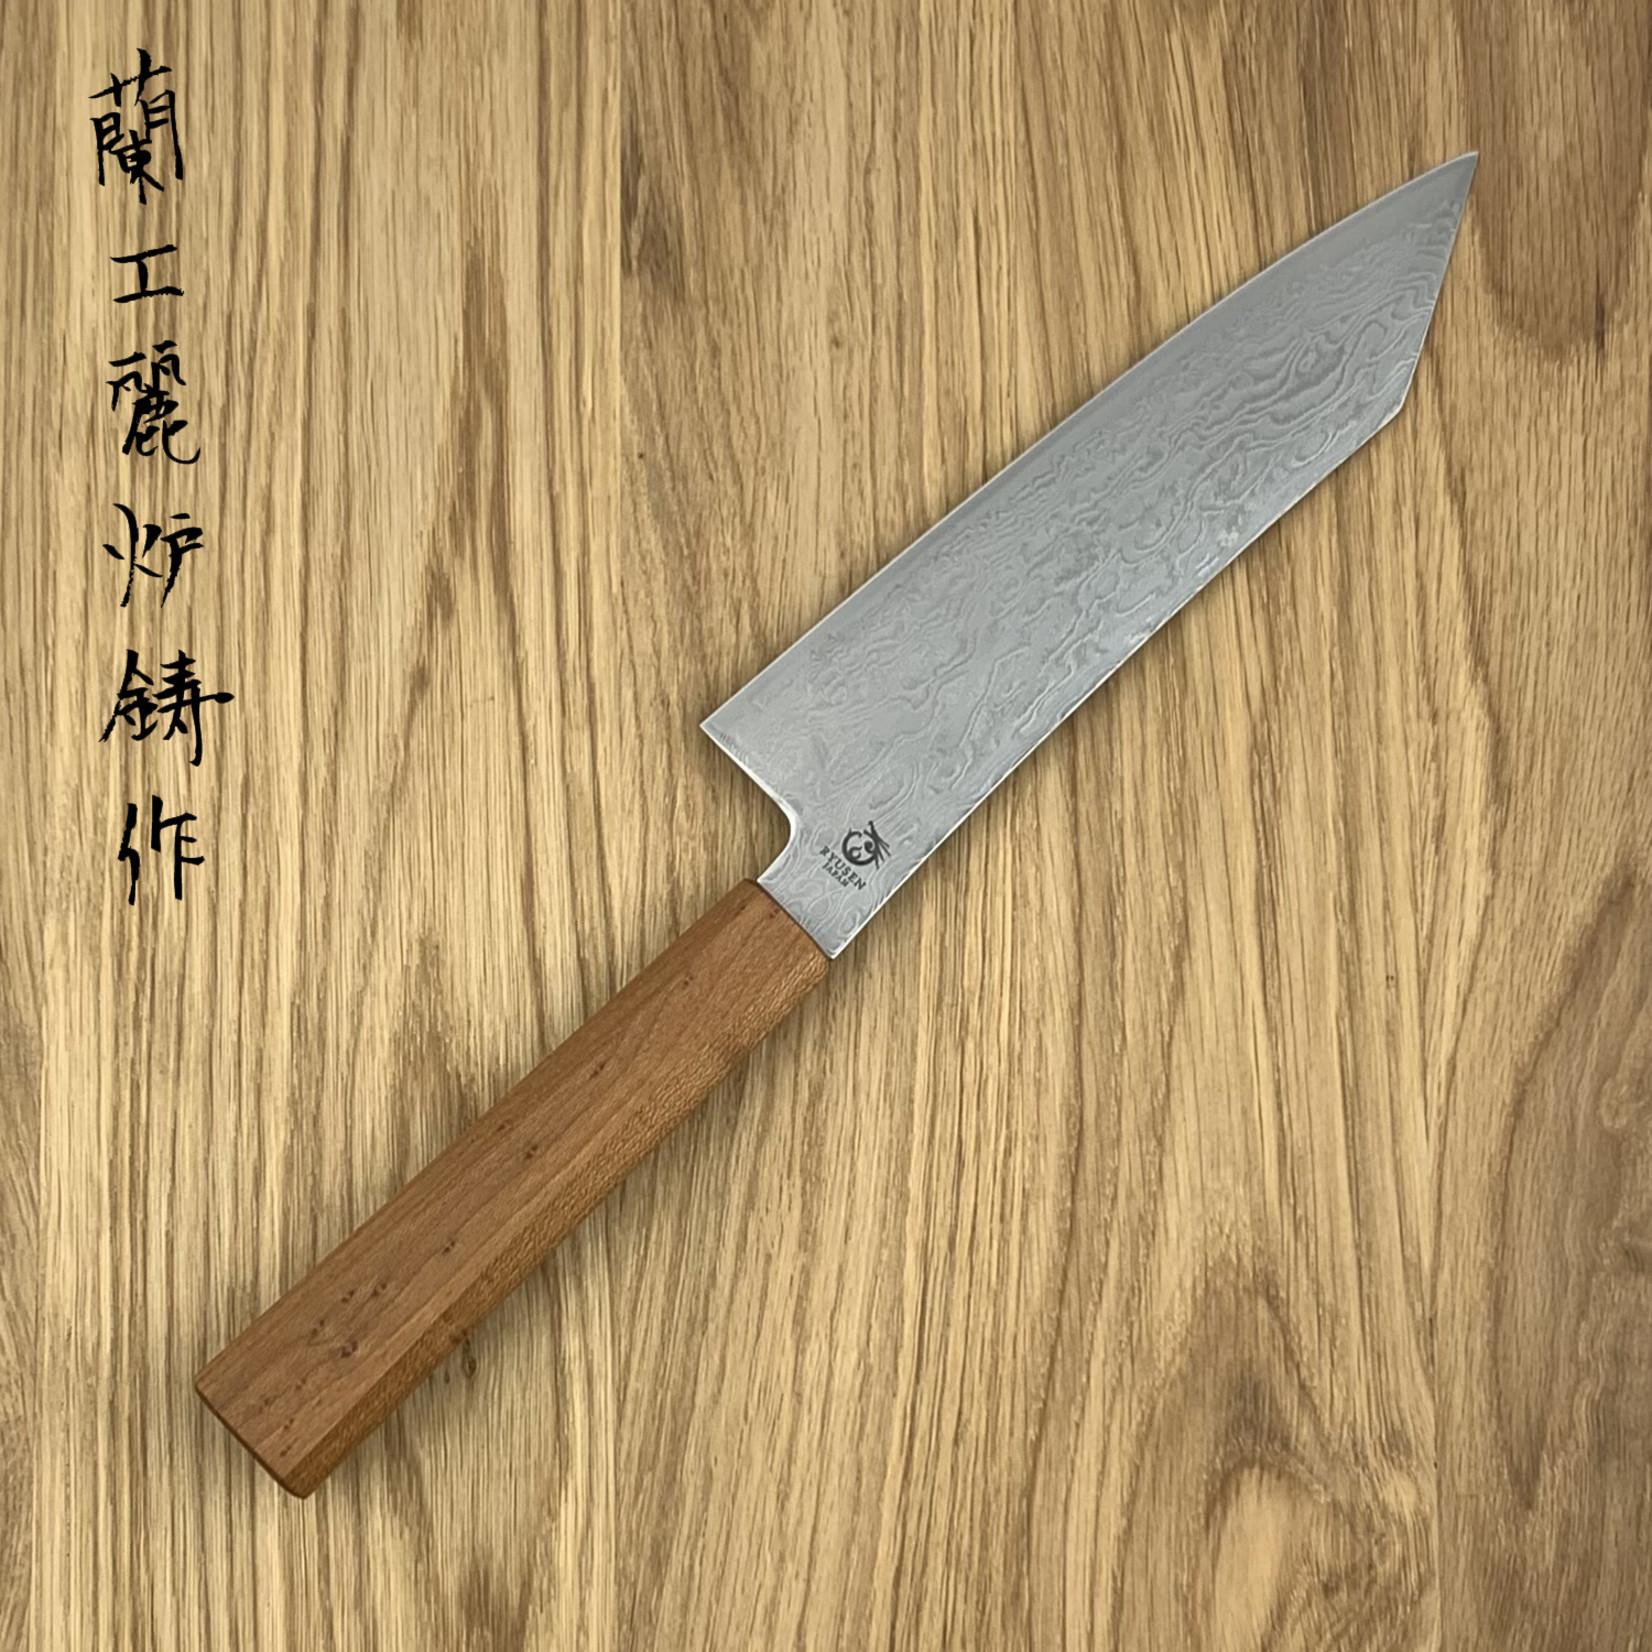 RYUSEN Fukakuryu Maple WA Santoku 170 mm FK-303